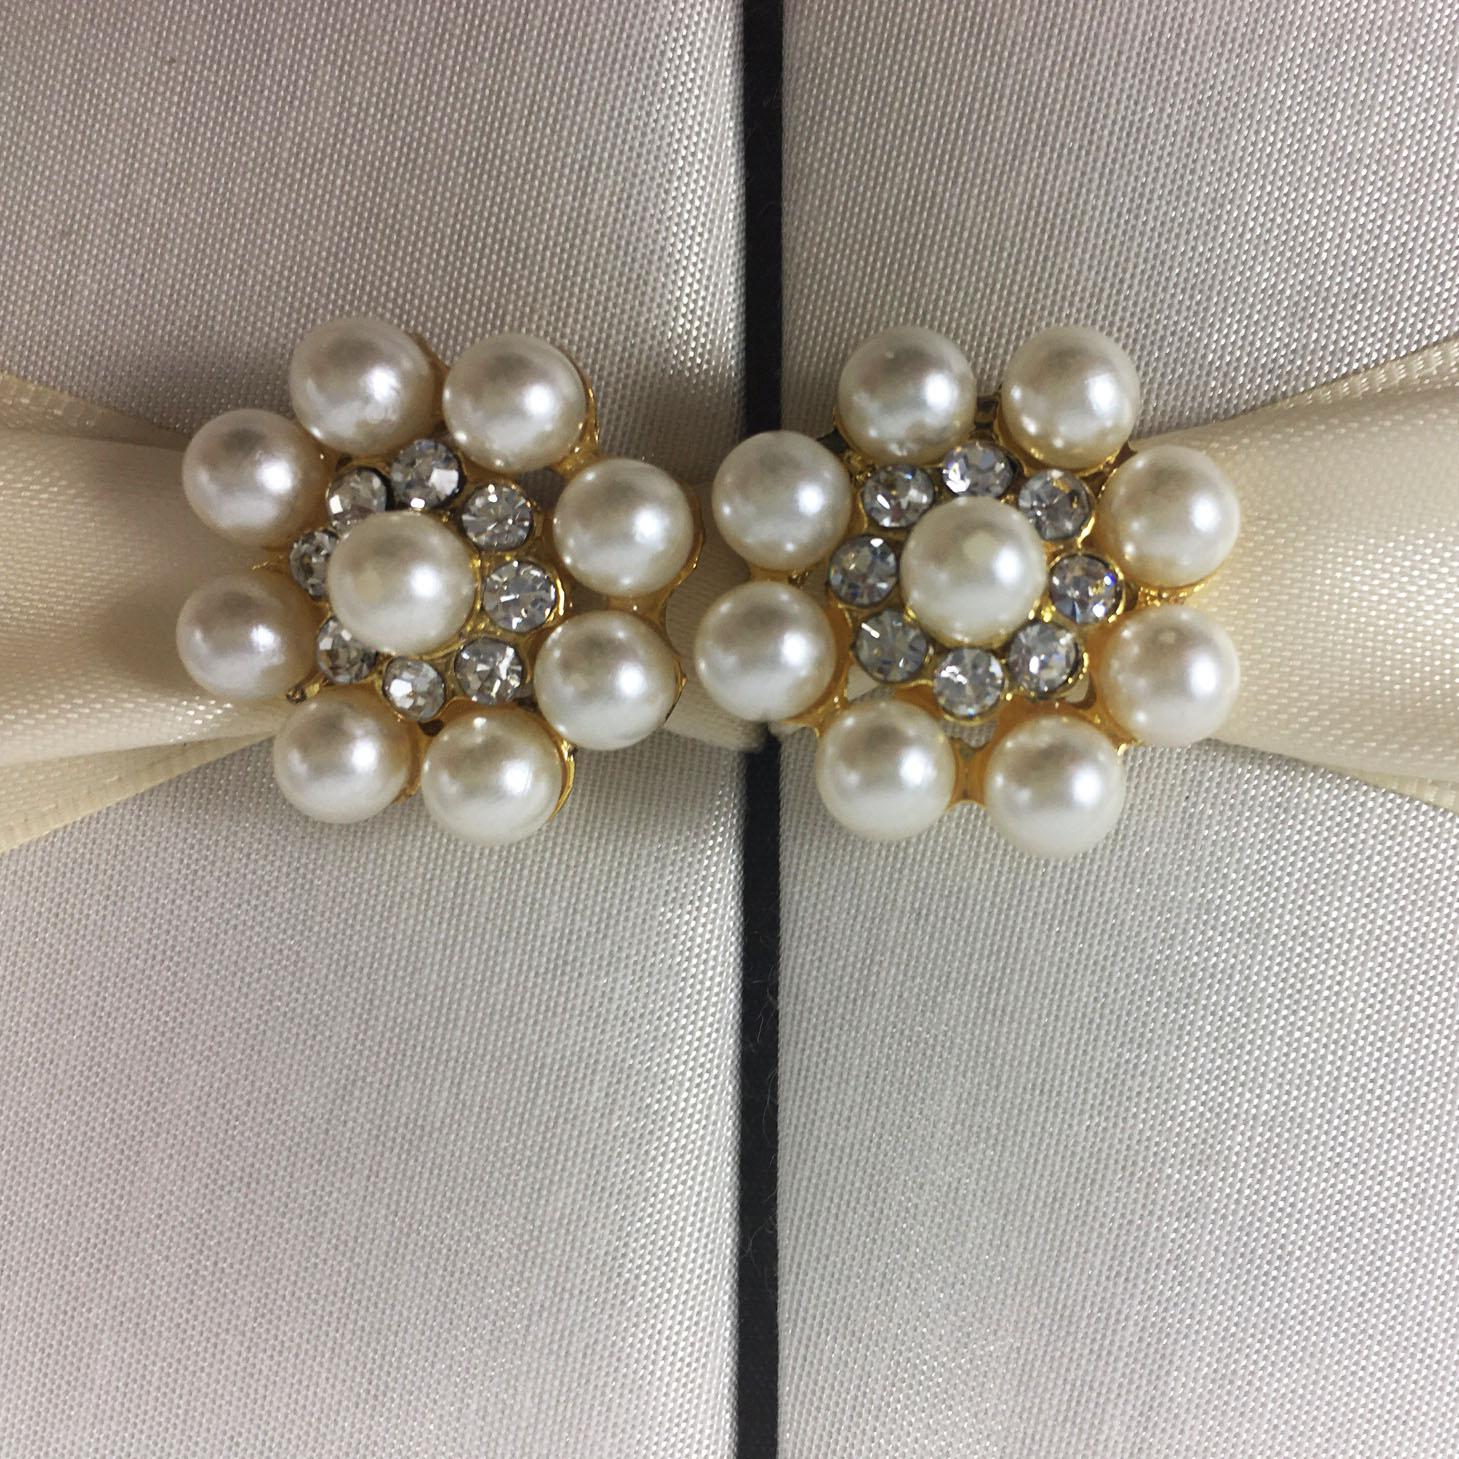 Pearl pair brooch